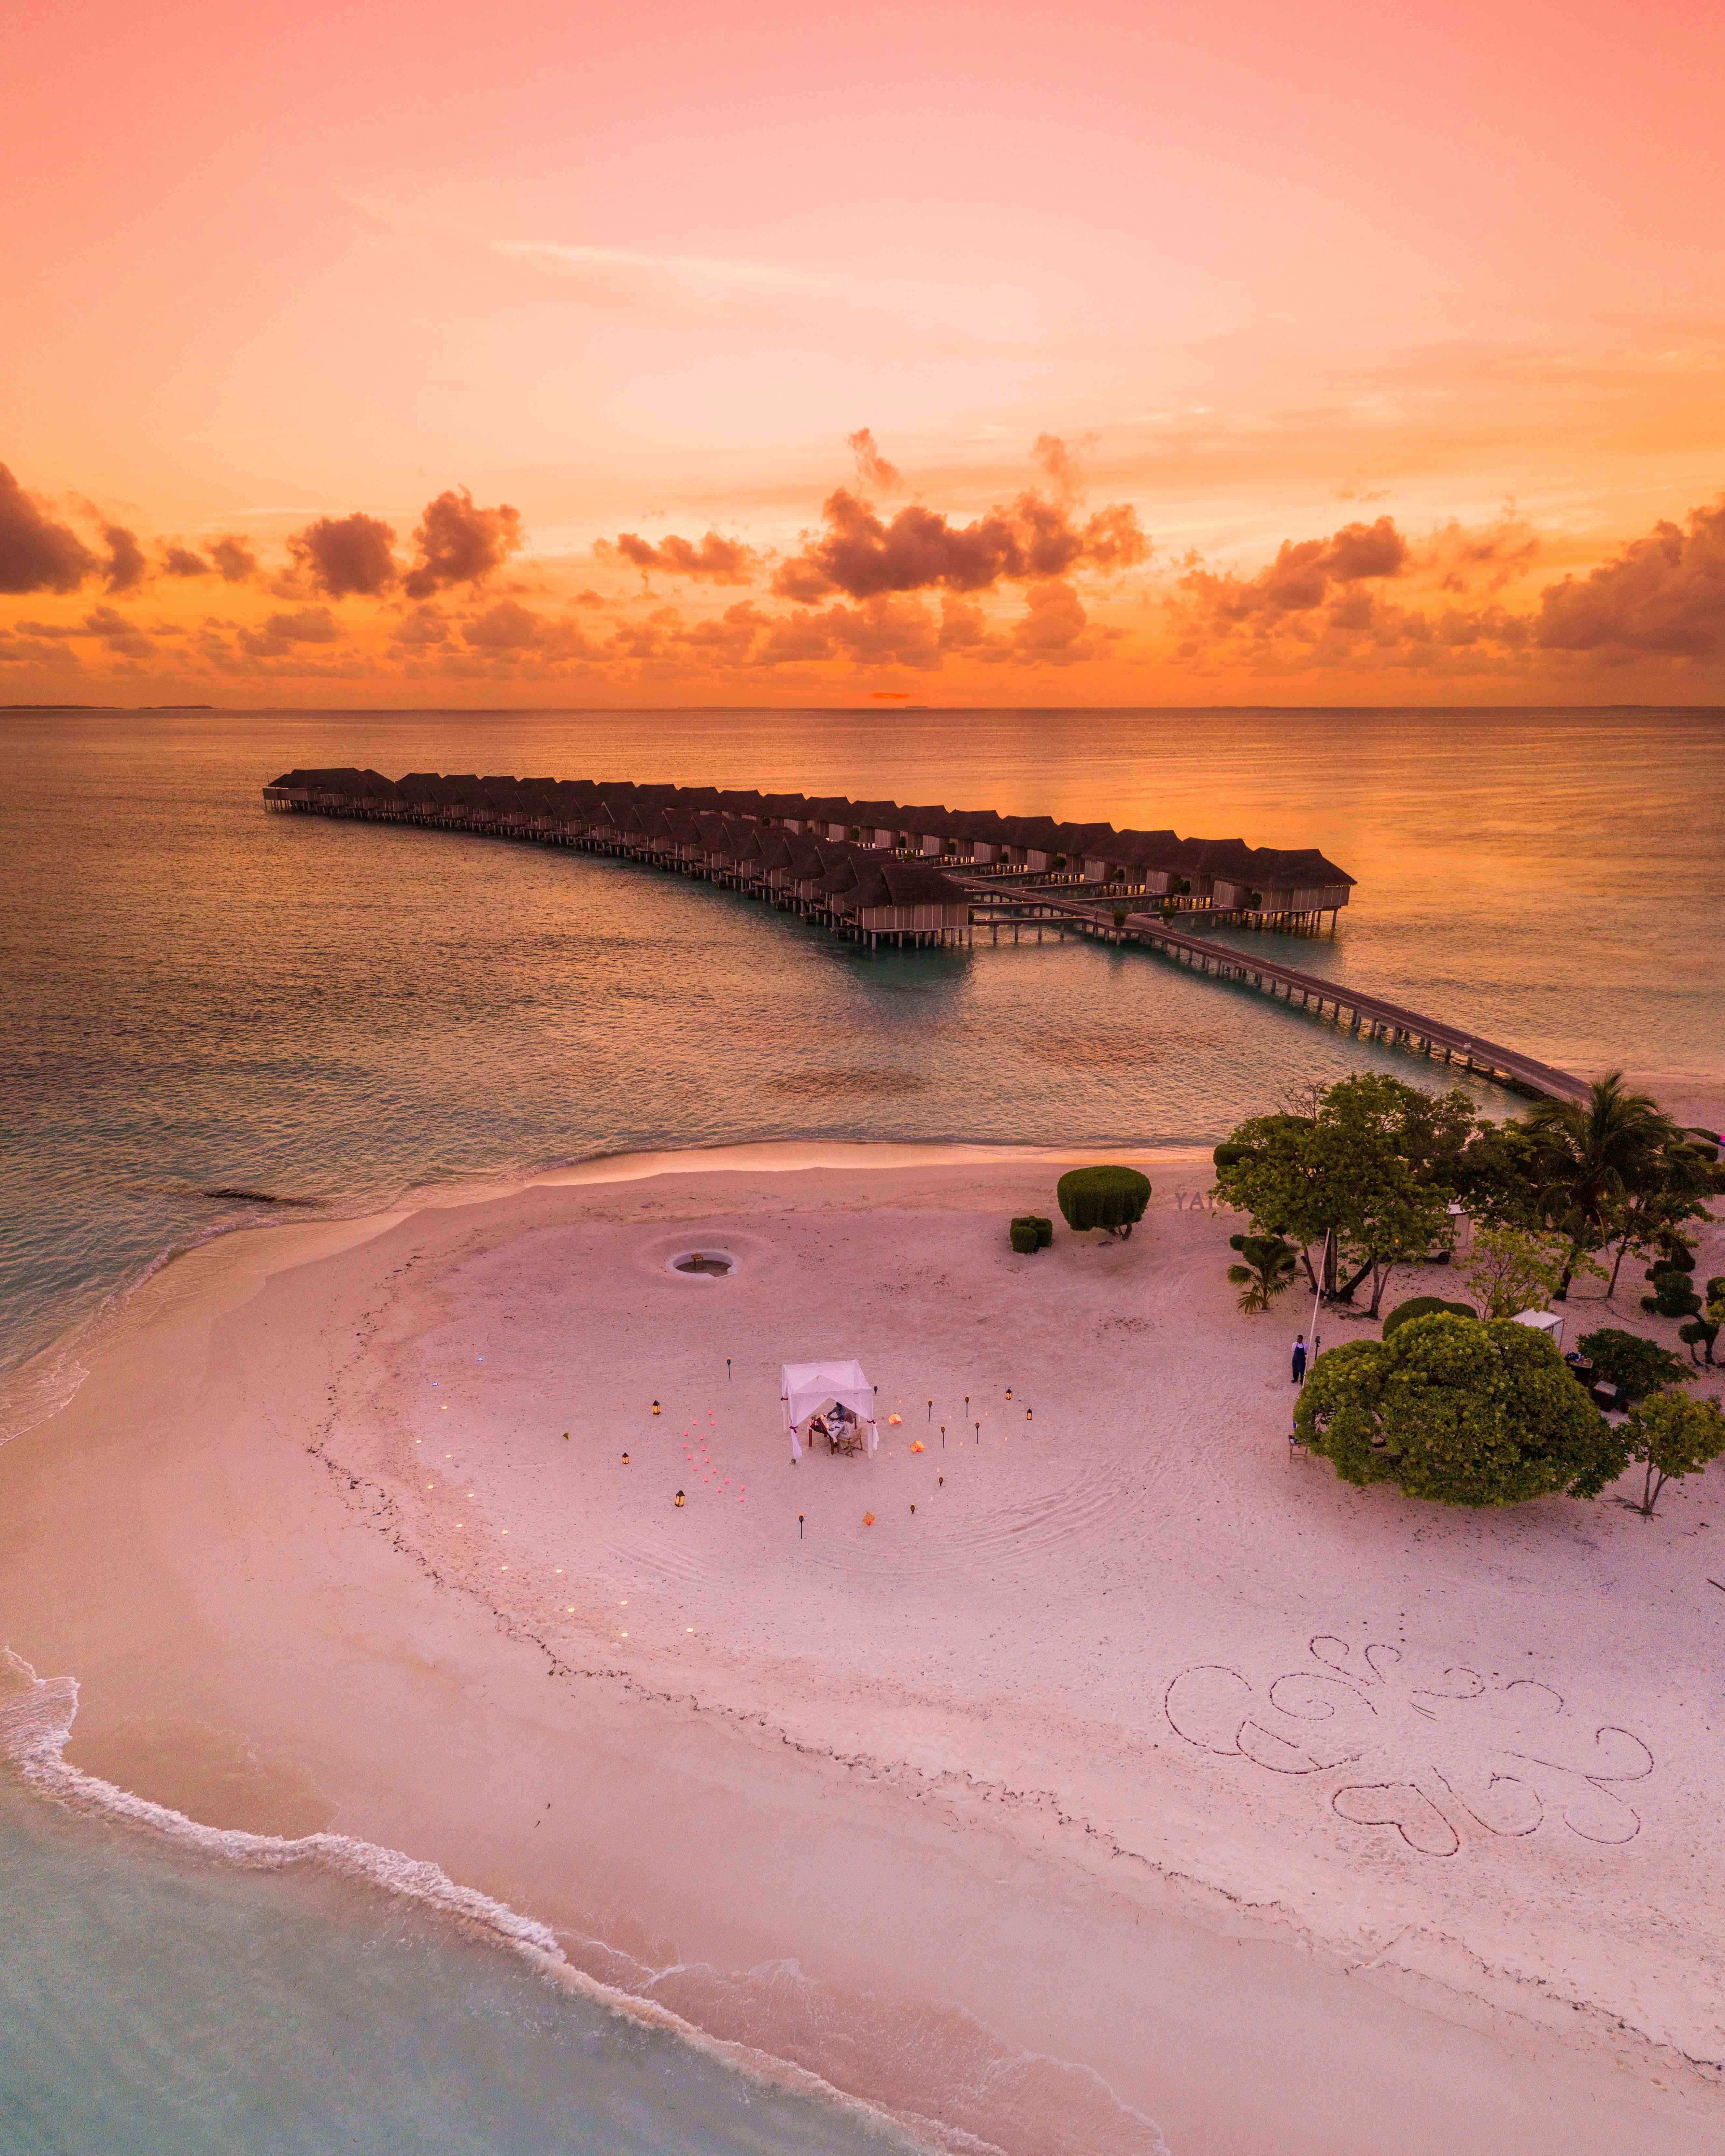 beachside villas at sunset